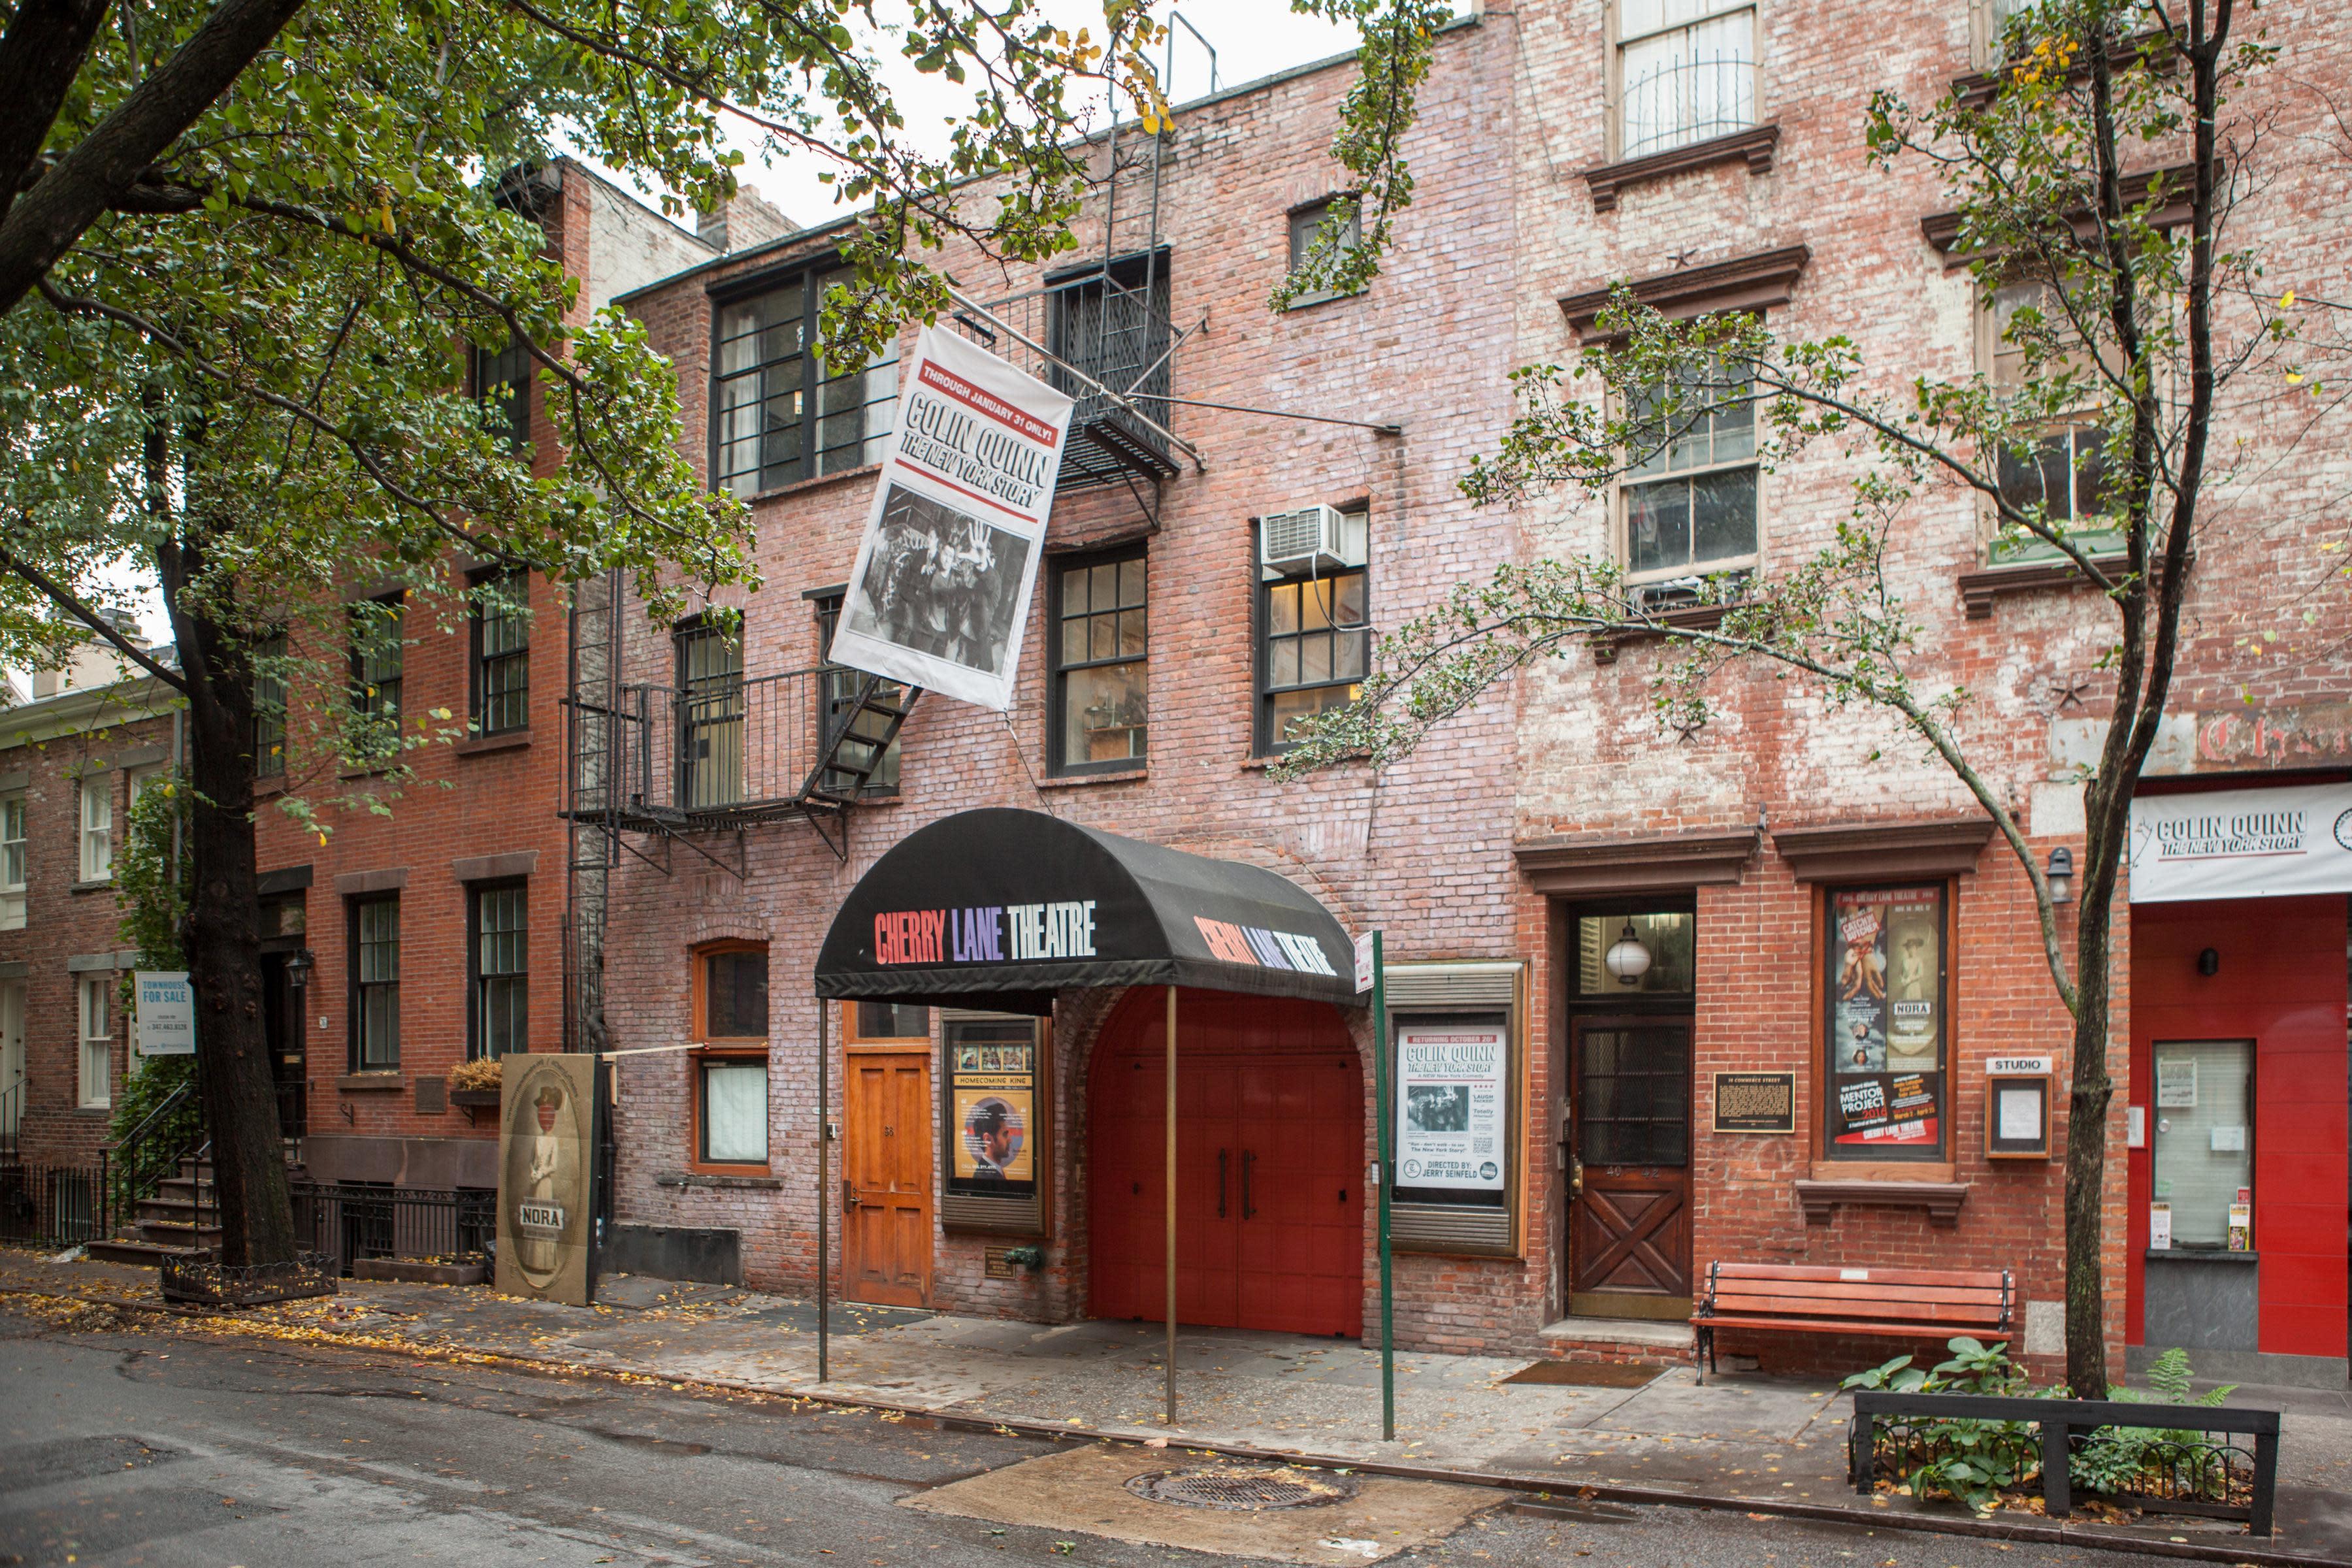 The Cherry Lane Theatre